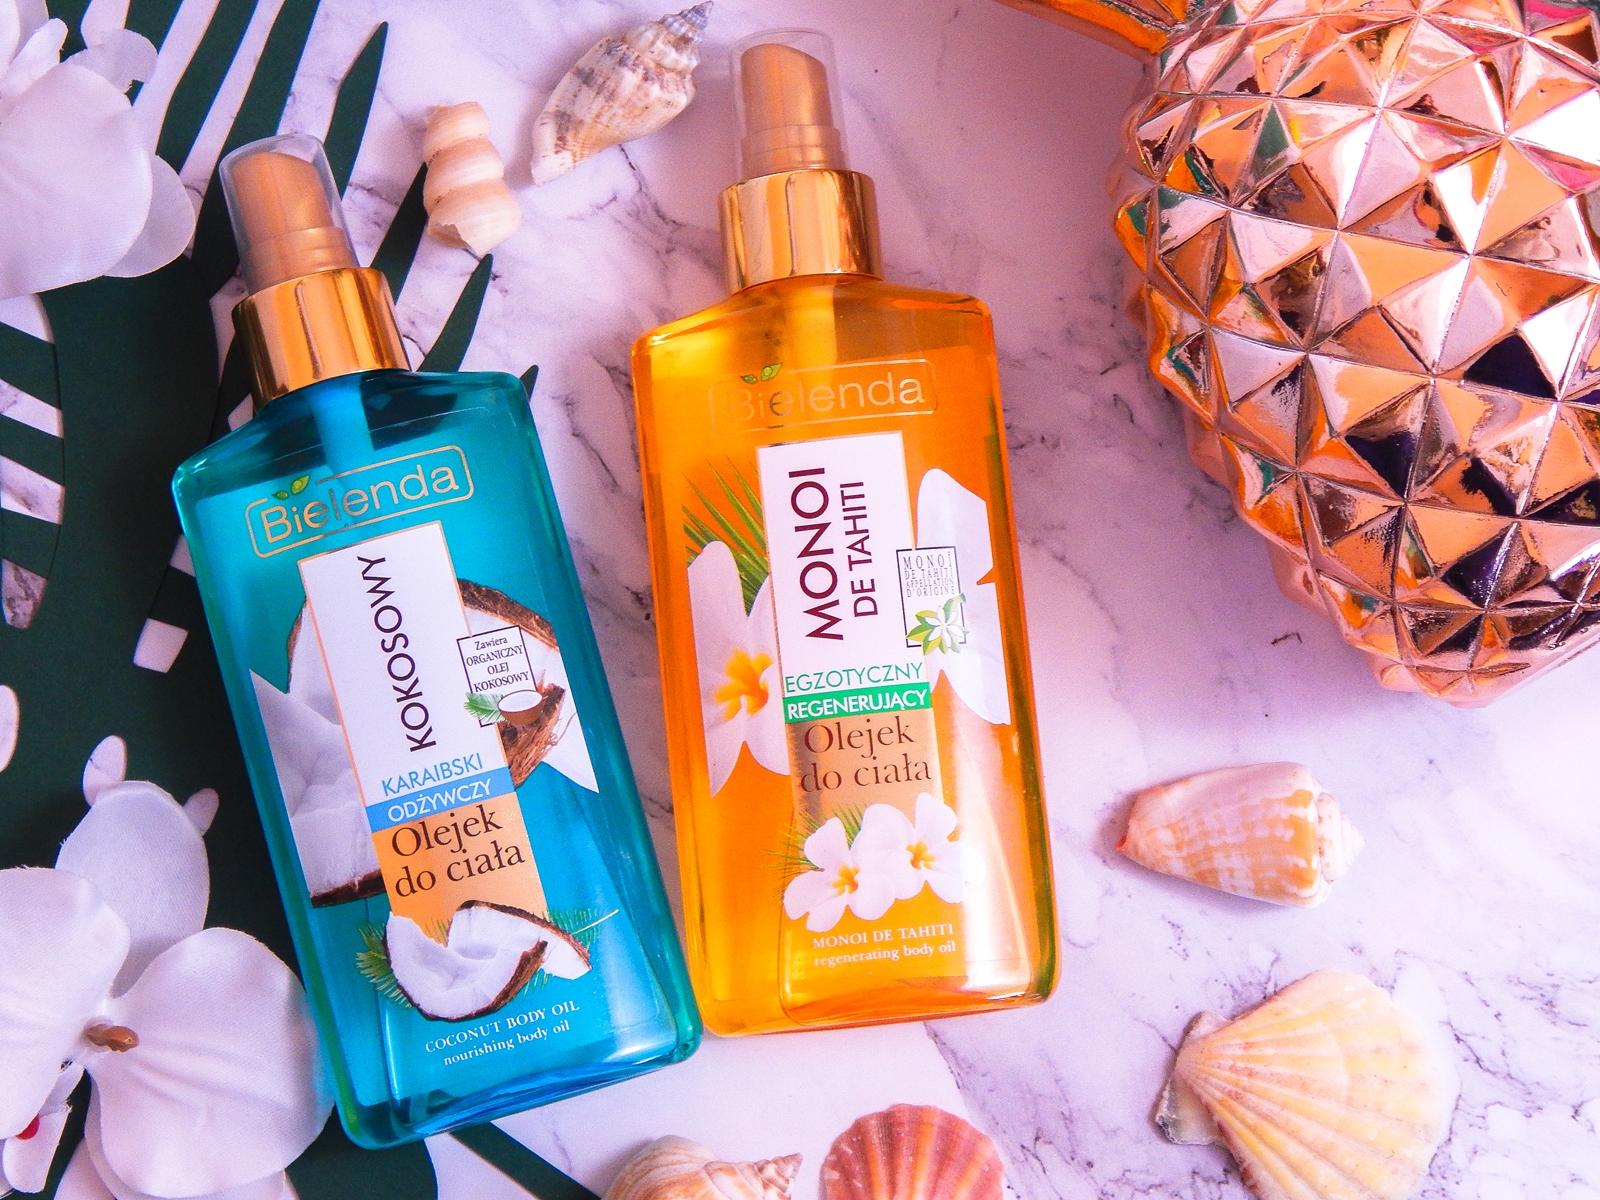 3 bielenda karaibski odżywczy olejek kokosowy do ciała monoi de tahiti recenzja opinia cena melodylaniella blog lifestyle urodowy blogerki z łodzi blogerka recenzje olejek w kremie kokosowy kosmetyki